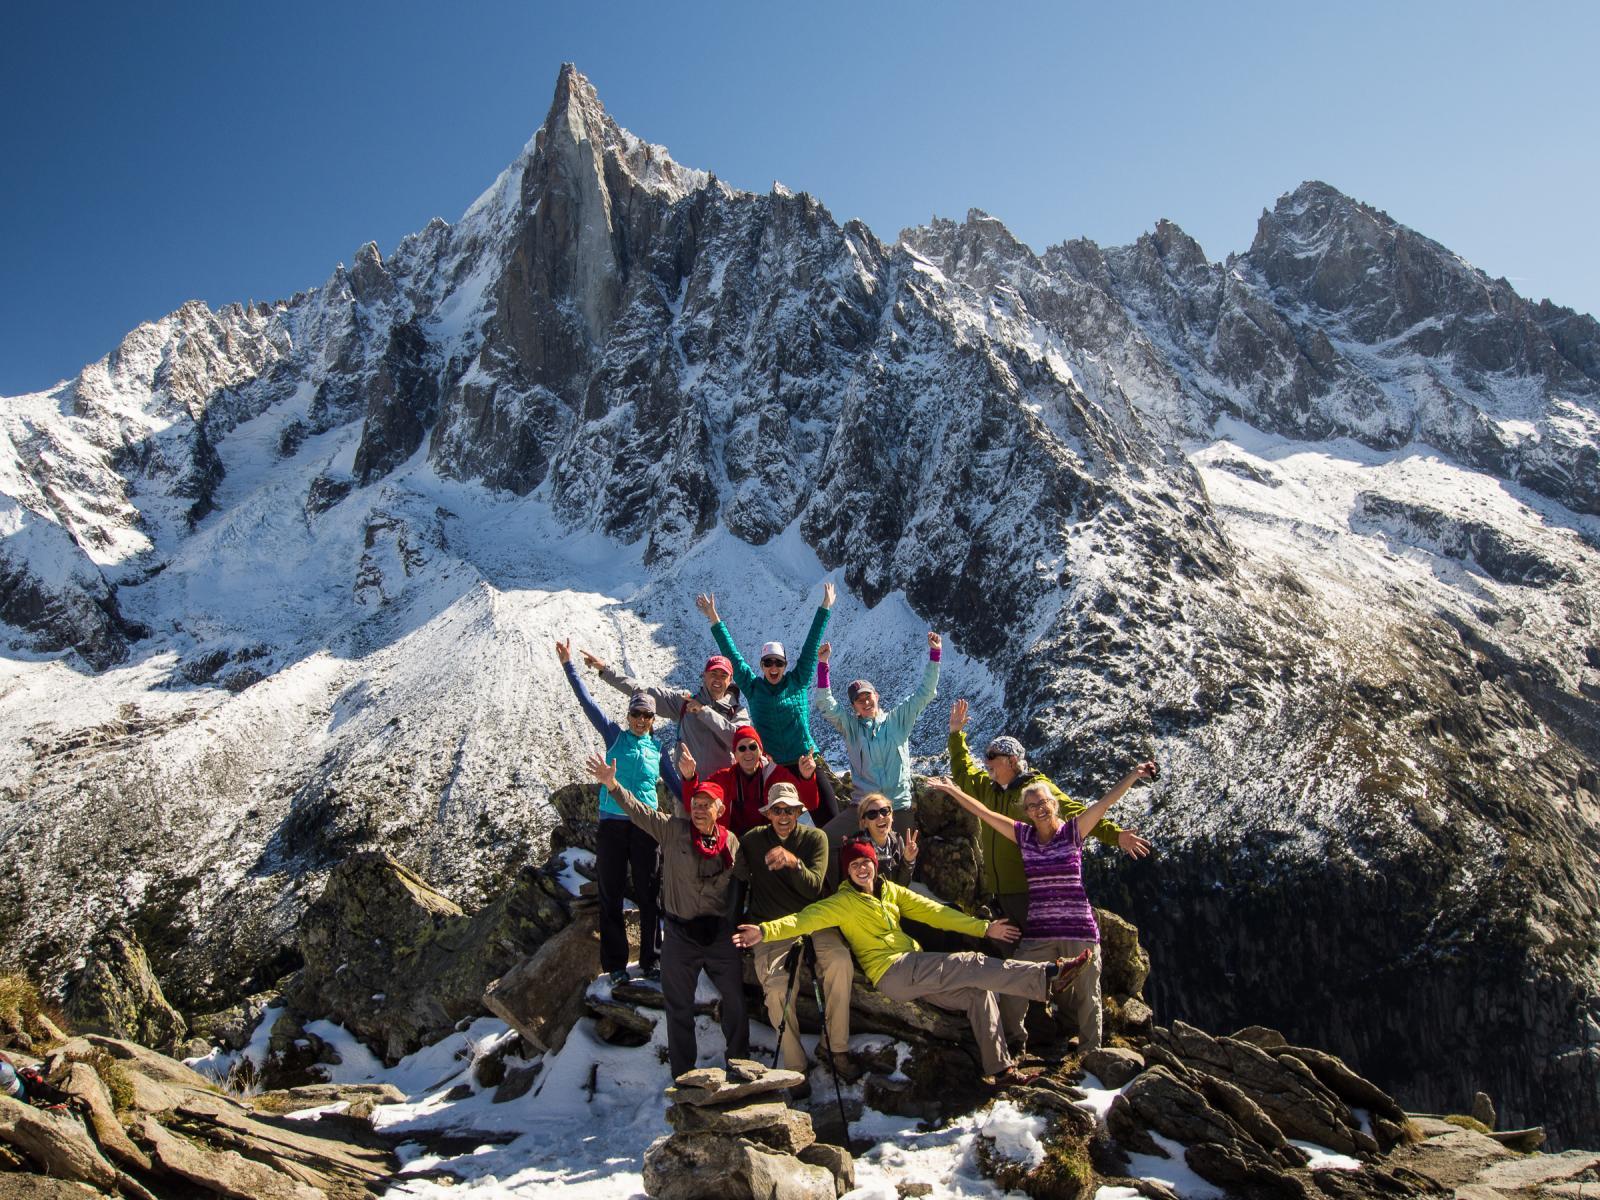 Sunrise on the Tour du Mont Blanc